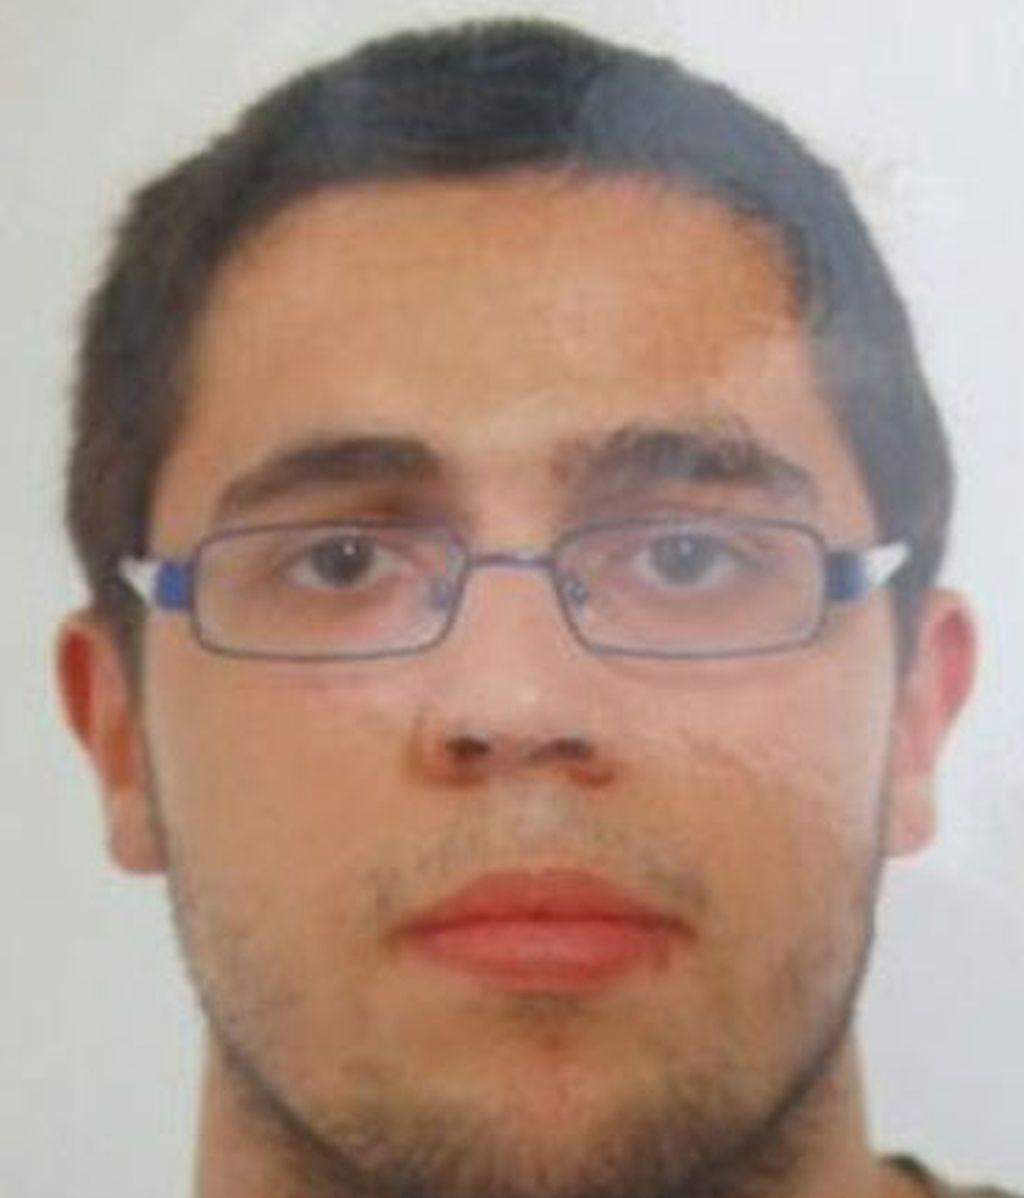 Buscan a un joven de 24 años desaparecido en Vigo